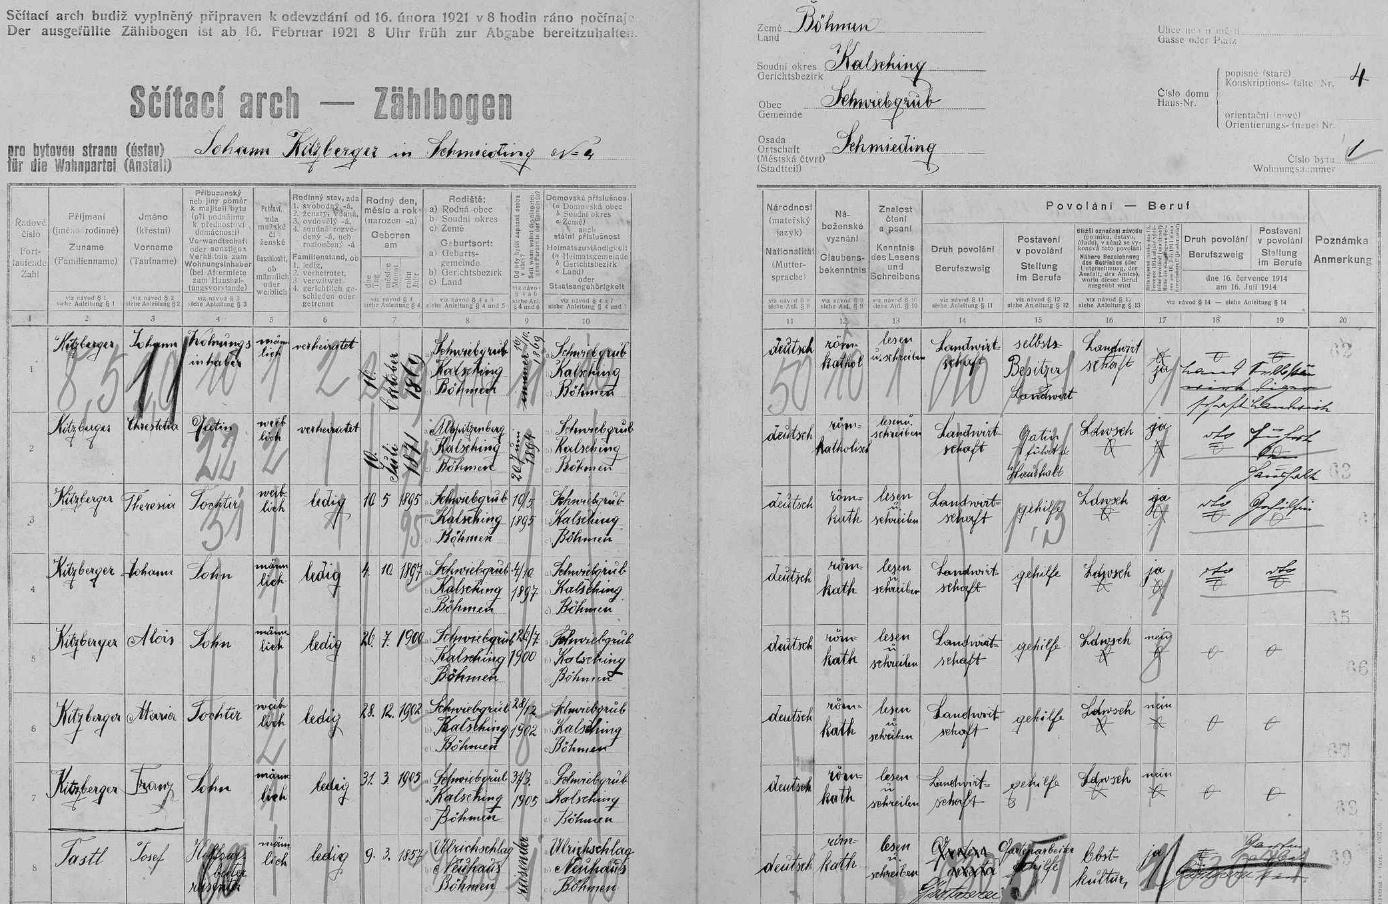 Arch sčítání lidu z roku 1921 pro stavení čp. 4 v Kovářovicích (osada tehdy patřila k politické obci Svíba /Schwiebgrub/) s rodinou Kitzbergerovou